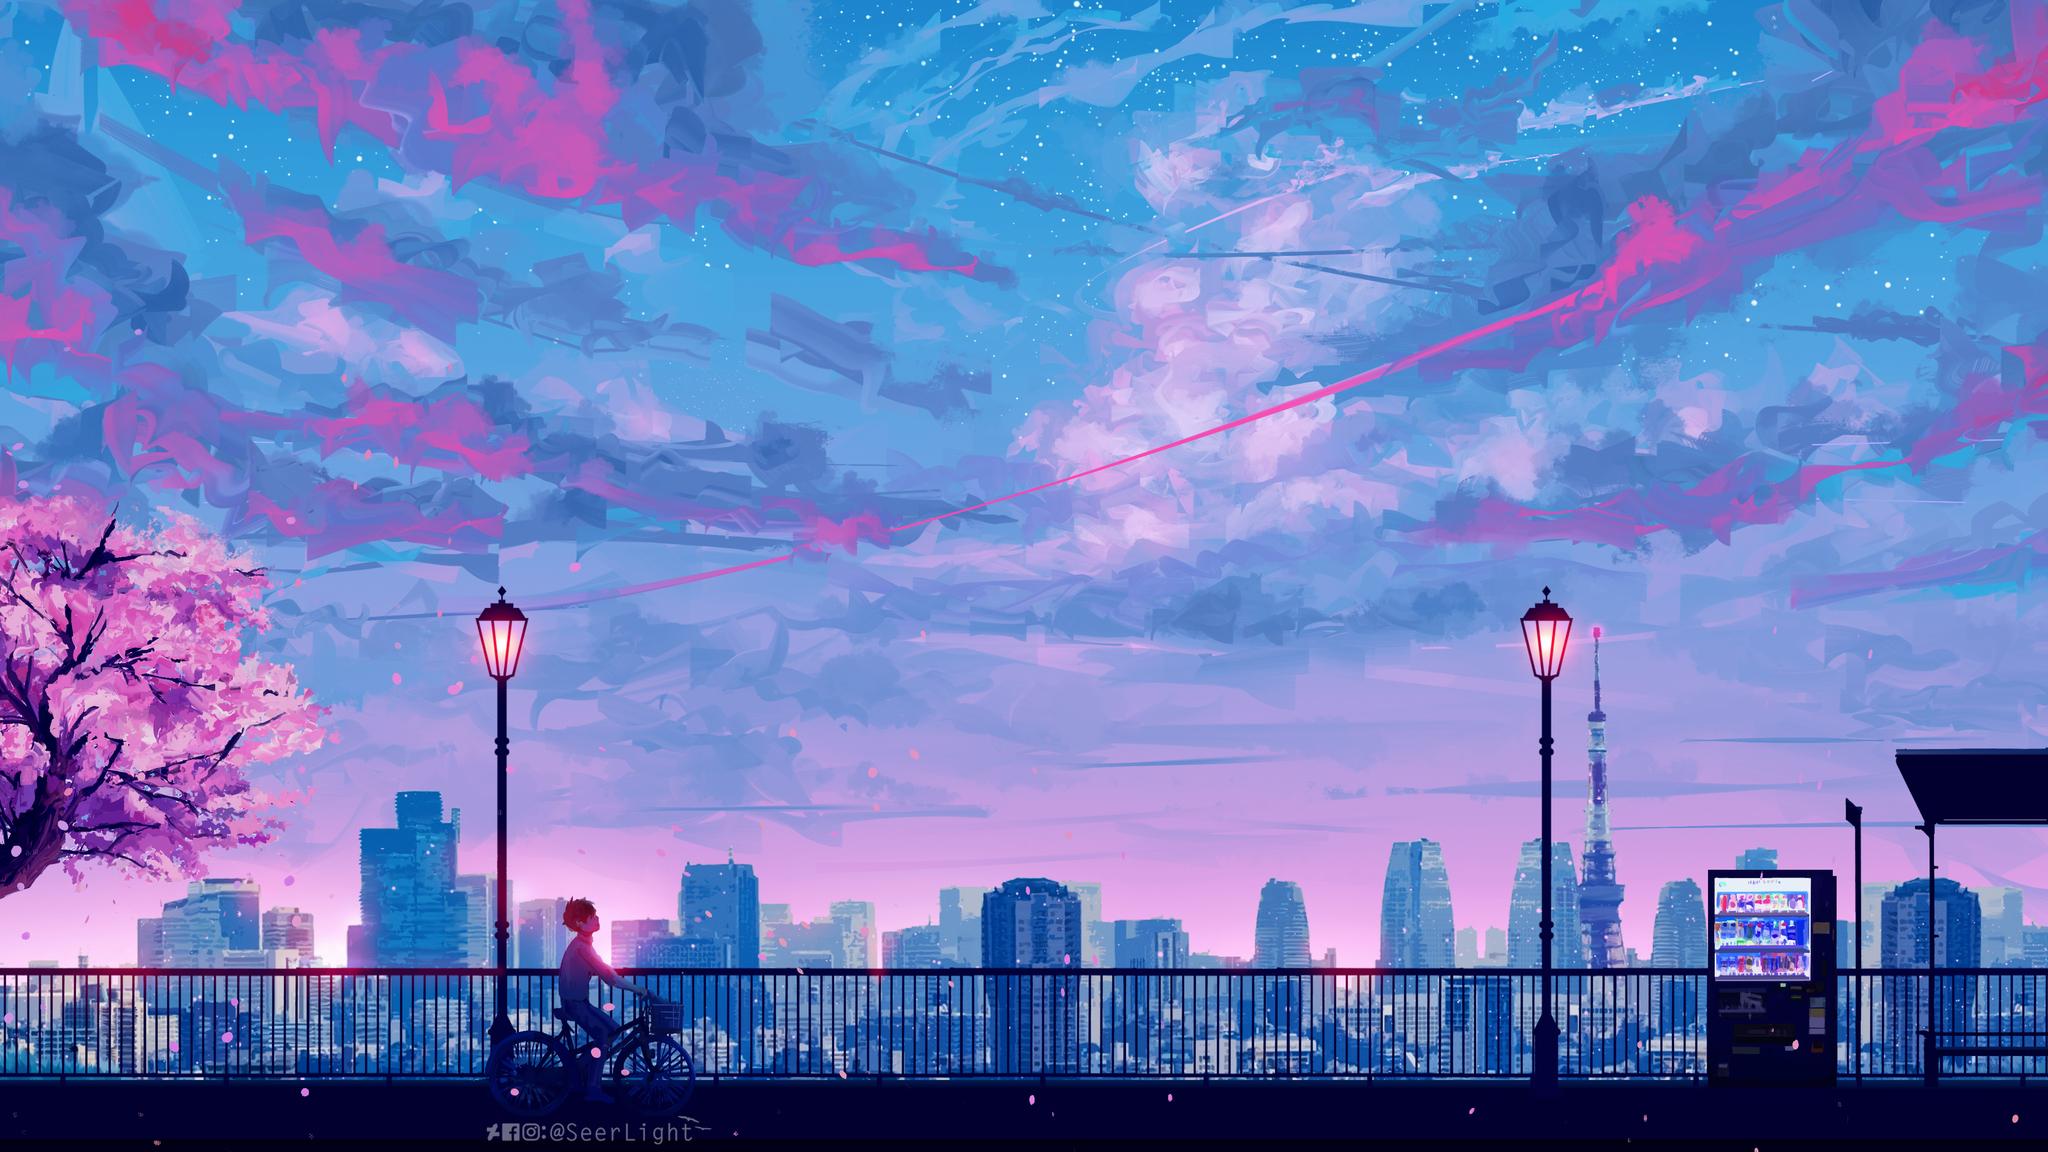 2048x1152 Anime Cityscape Landscape Scenery 5k 2048x1152